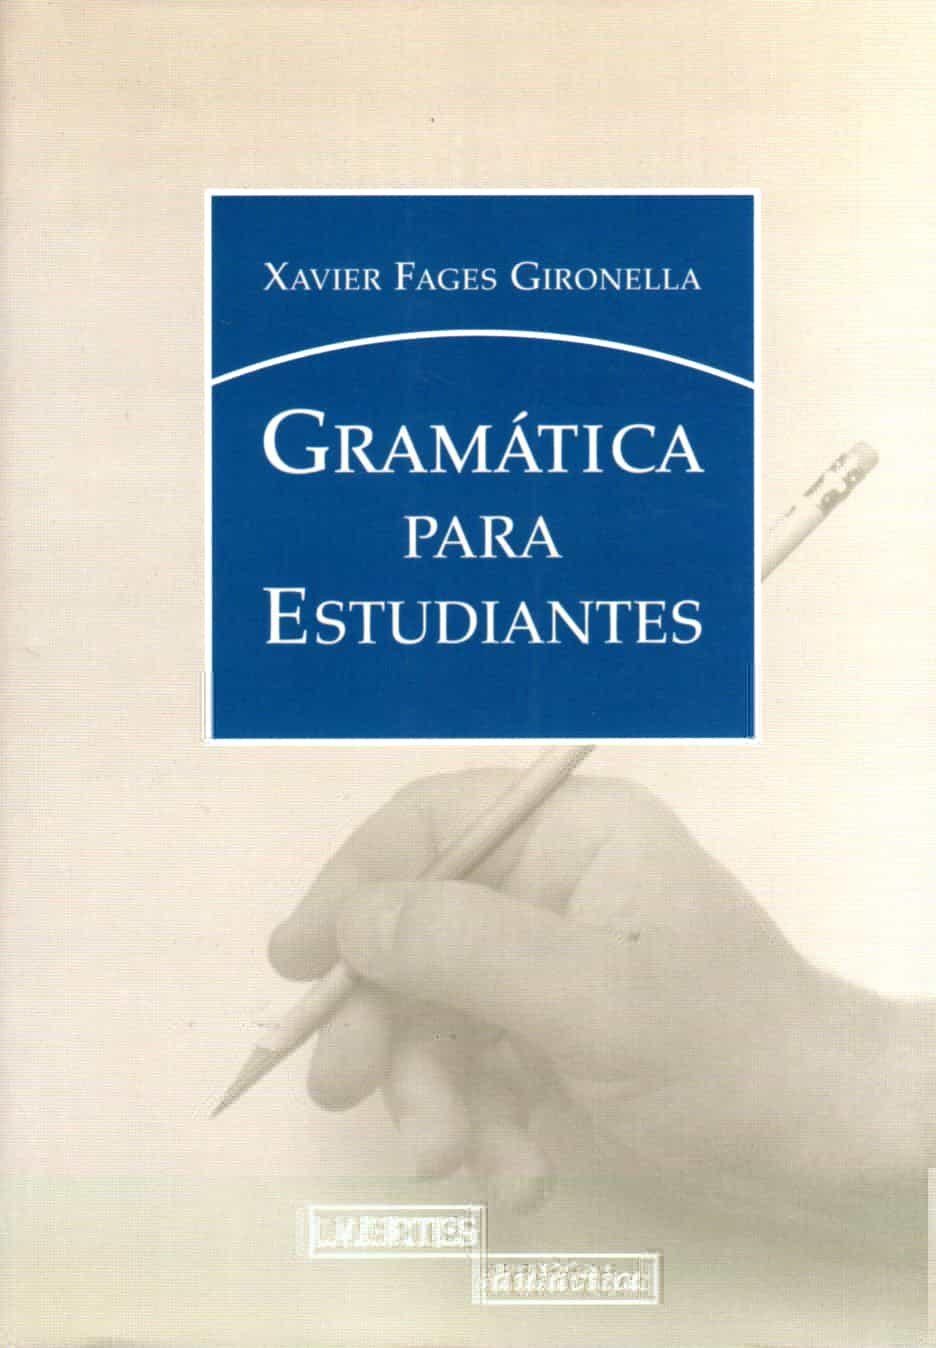 Gramatica Para Estudiantes por Xavier Fages Gironella epub